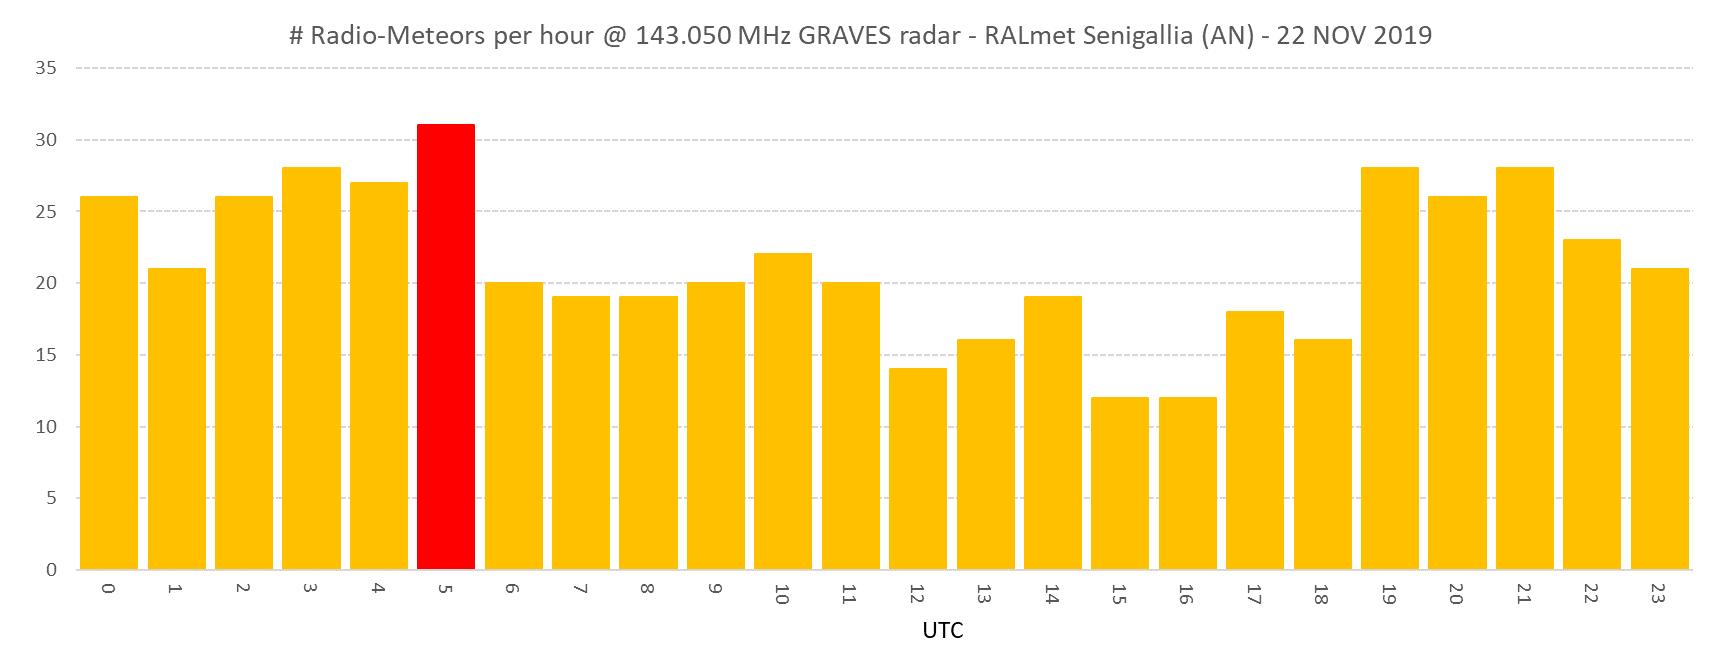 Conteggio orario dei radio-echi meteorici catturati dalla stazione RALmet (143.050 MHz) il giorno 22 Novembre 2019 (non corretto rispetto al fondo sporadico). E' evidenziato il picco giornaliero corrispondente con l'orario previsto per il massimo dello sciame Alfa-Monocerotids.